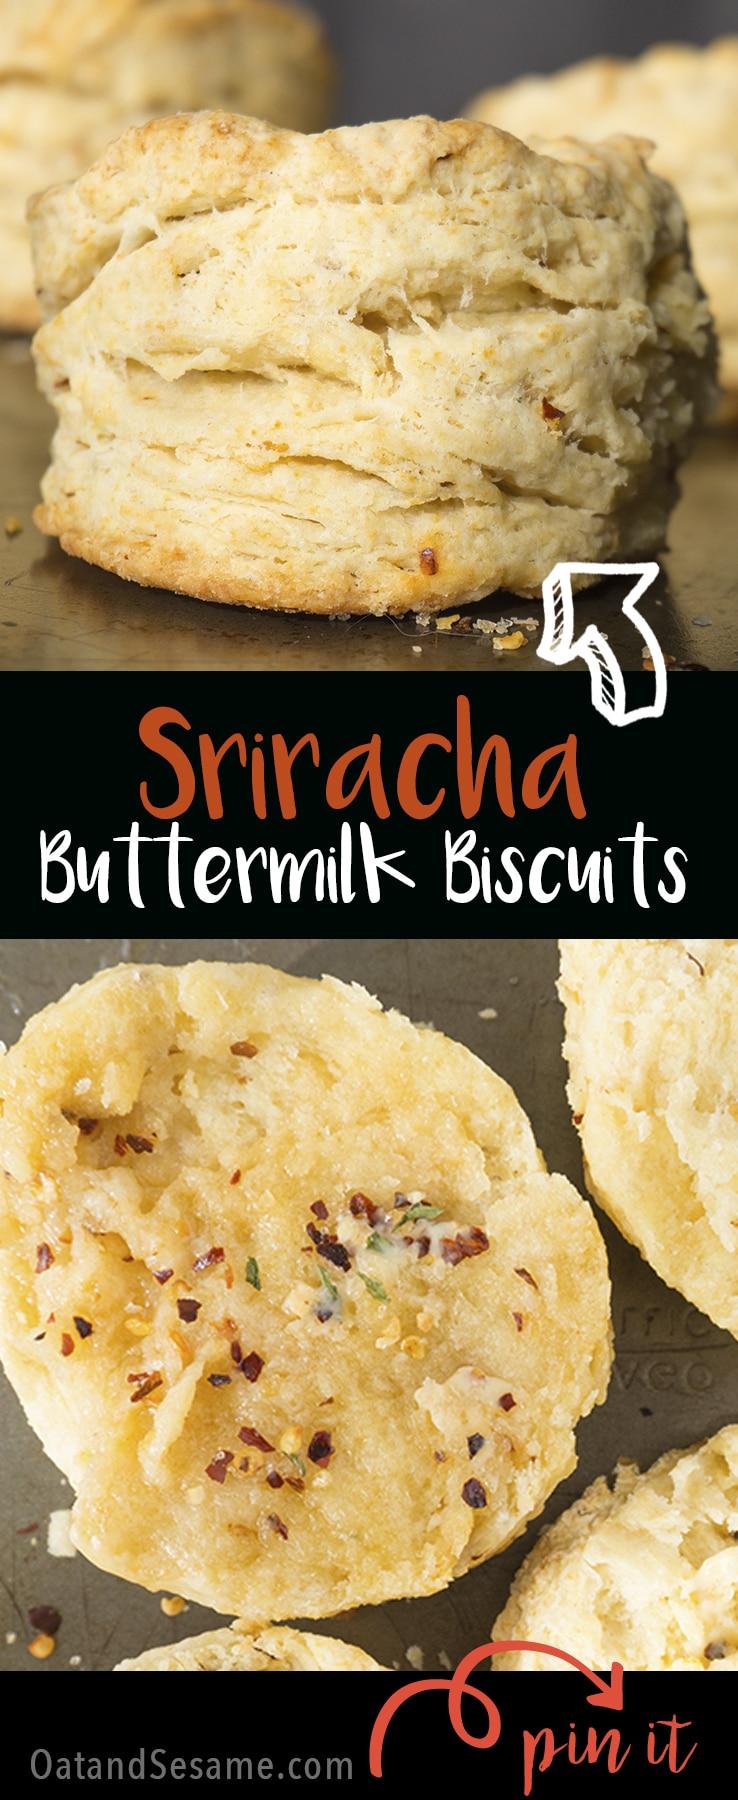 Spicy Sriracha Buttermilk Biscuits - breakfast with a kick! | SRIRACHA | BUTTERMILK | BISCUITS | SPICY | BREAKFAST |Recipe at OatandSesame.com